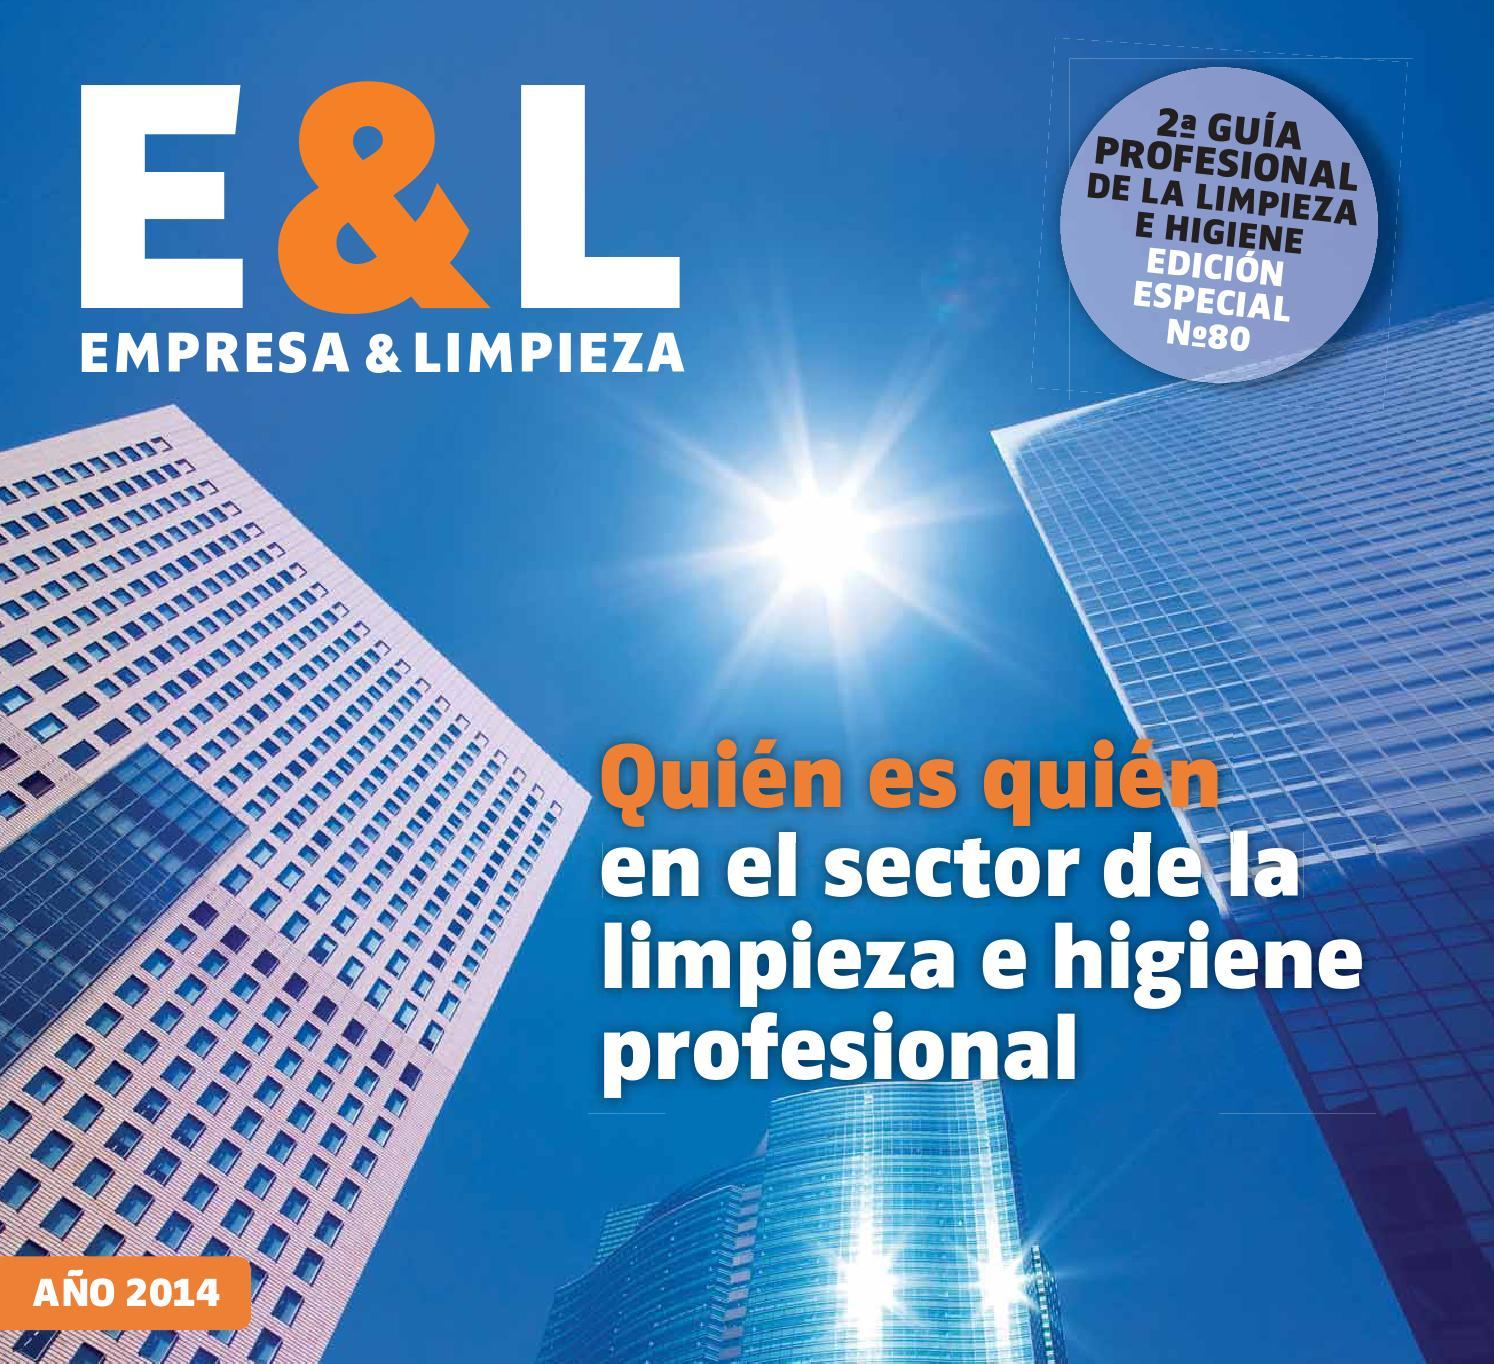 2 gu a profesional de la limpieza e higiene by empresa for Empresas de limpieza en castellon